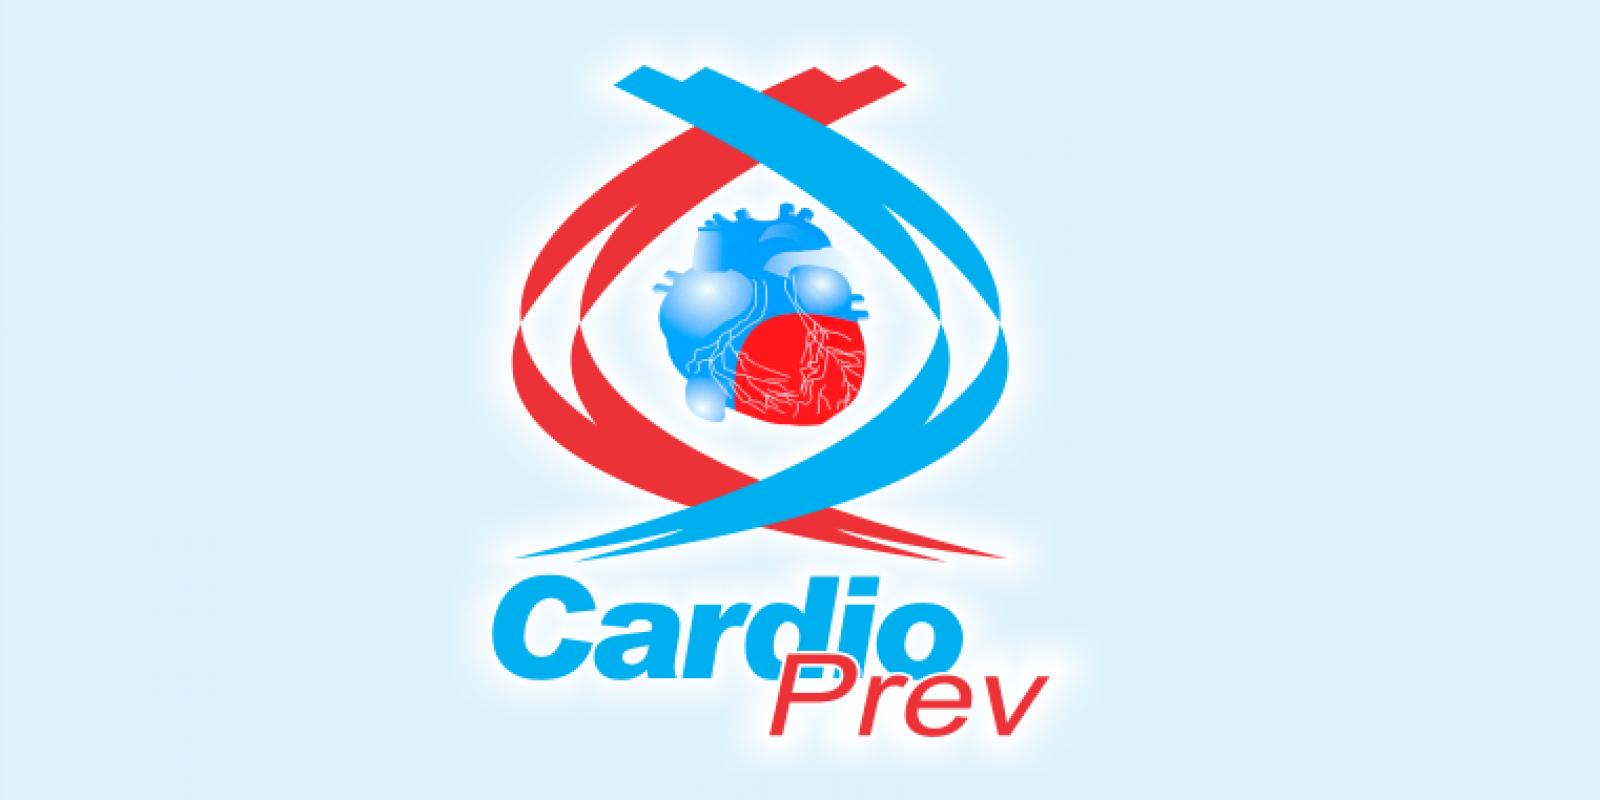 Cardioprev